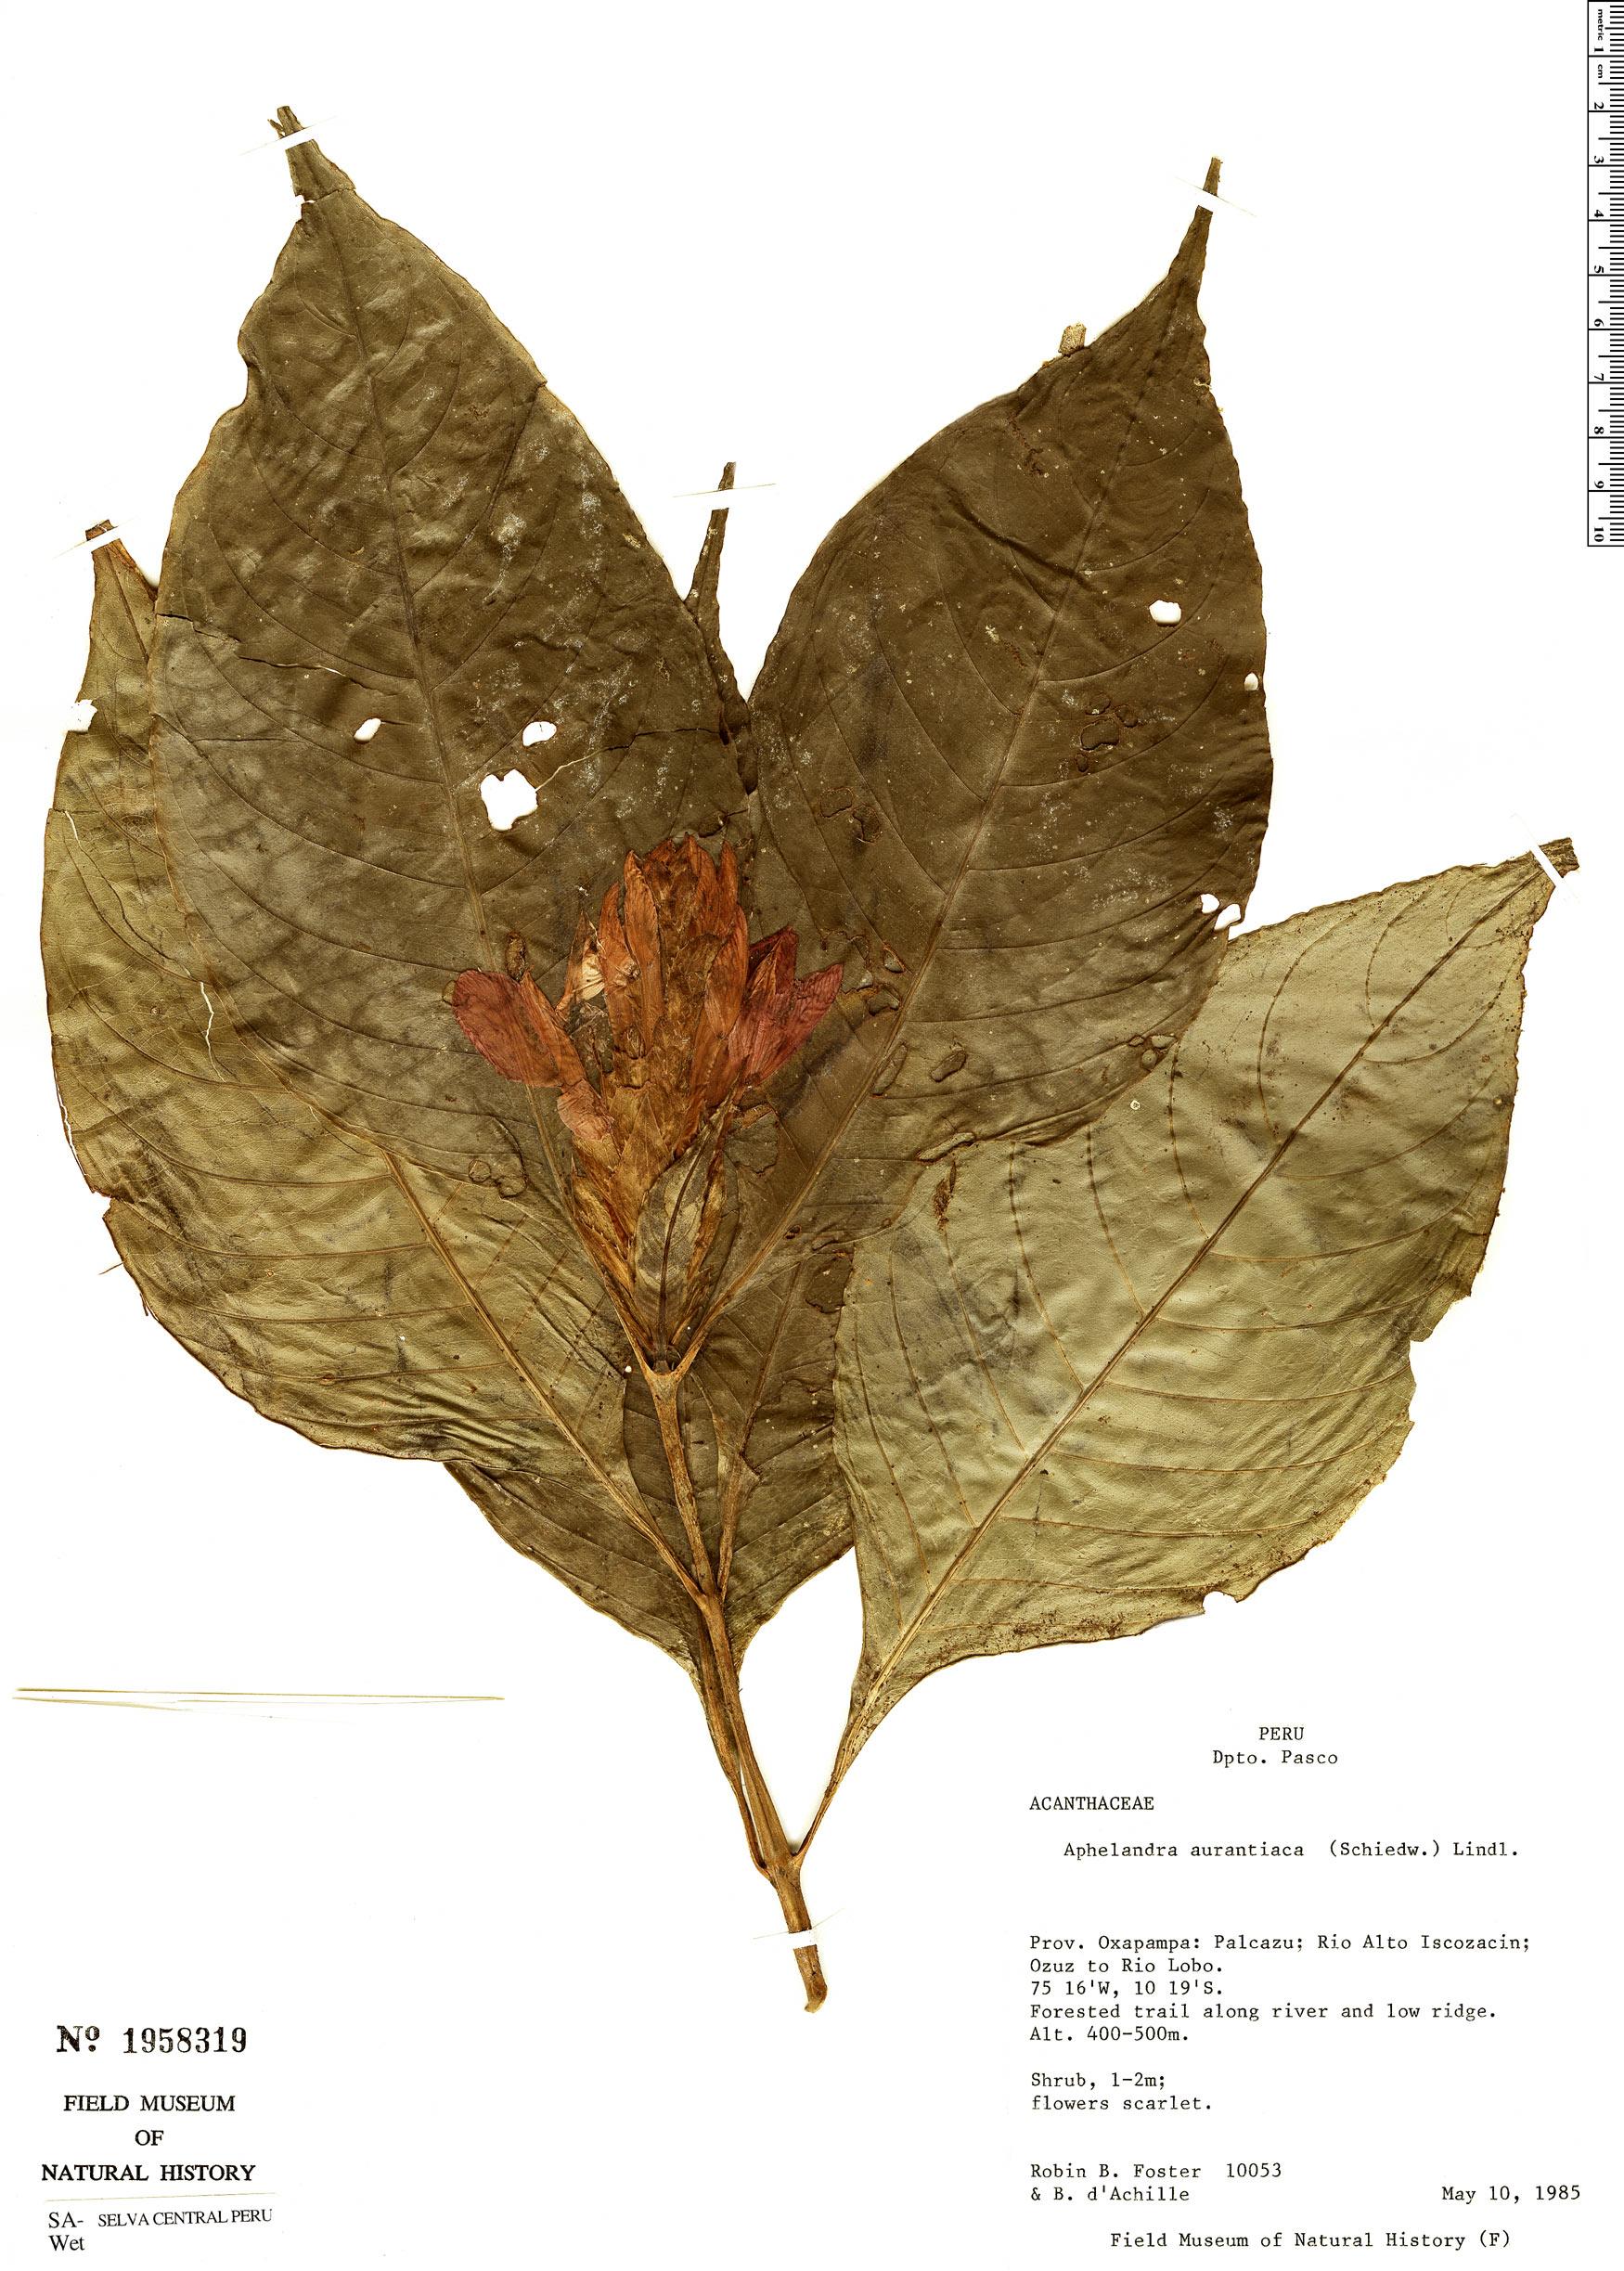 Specimen: Aphelandra